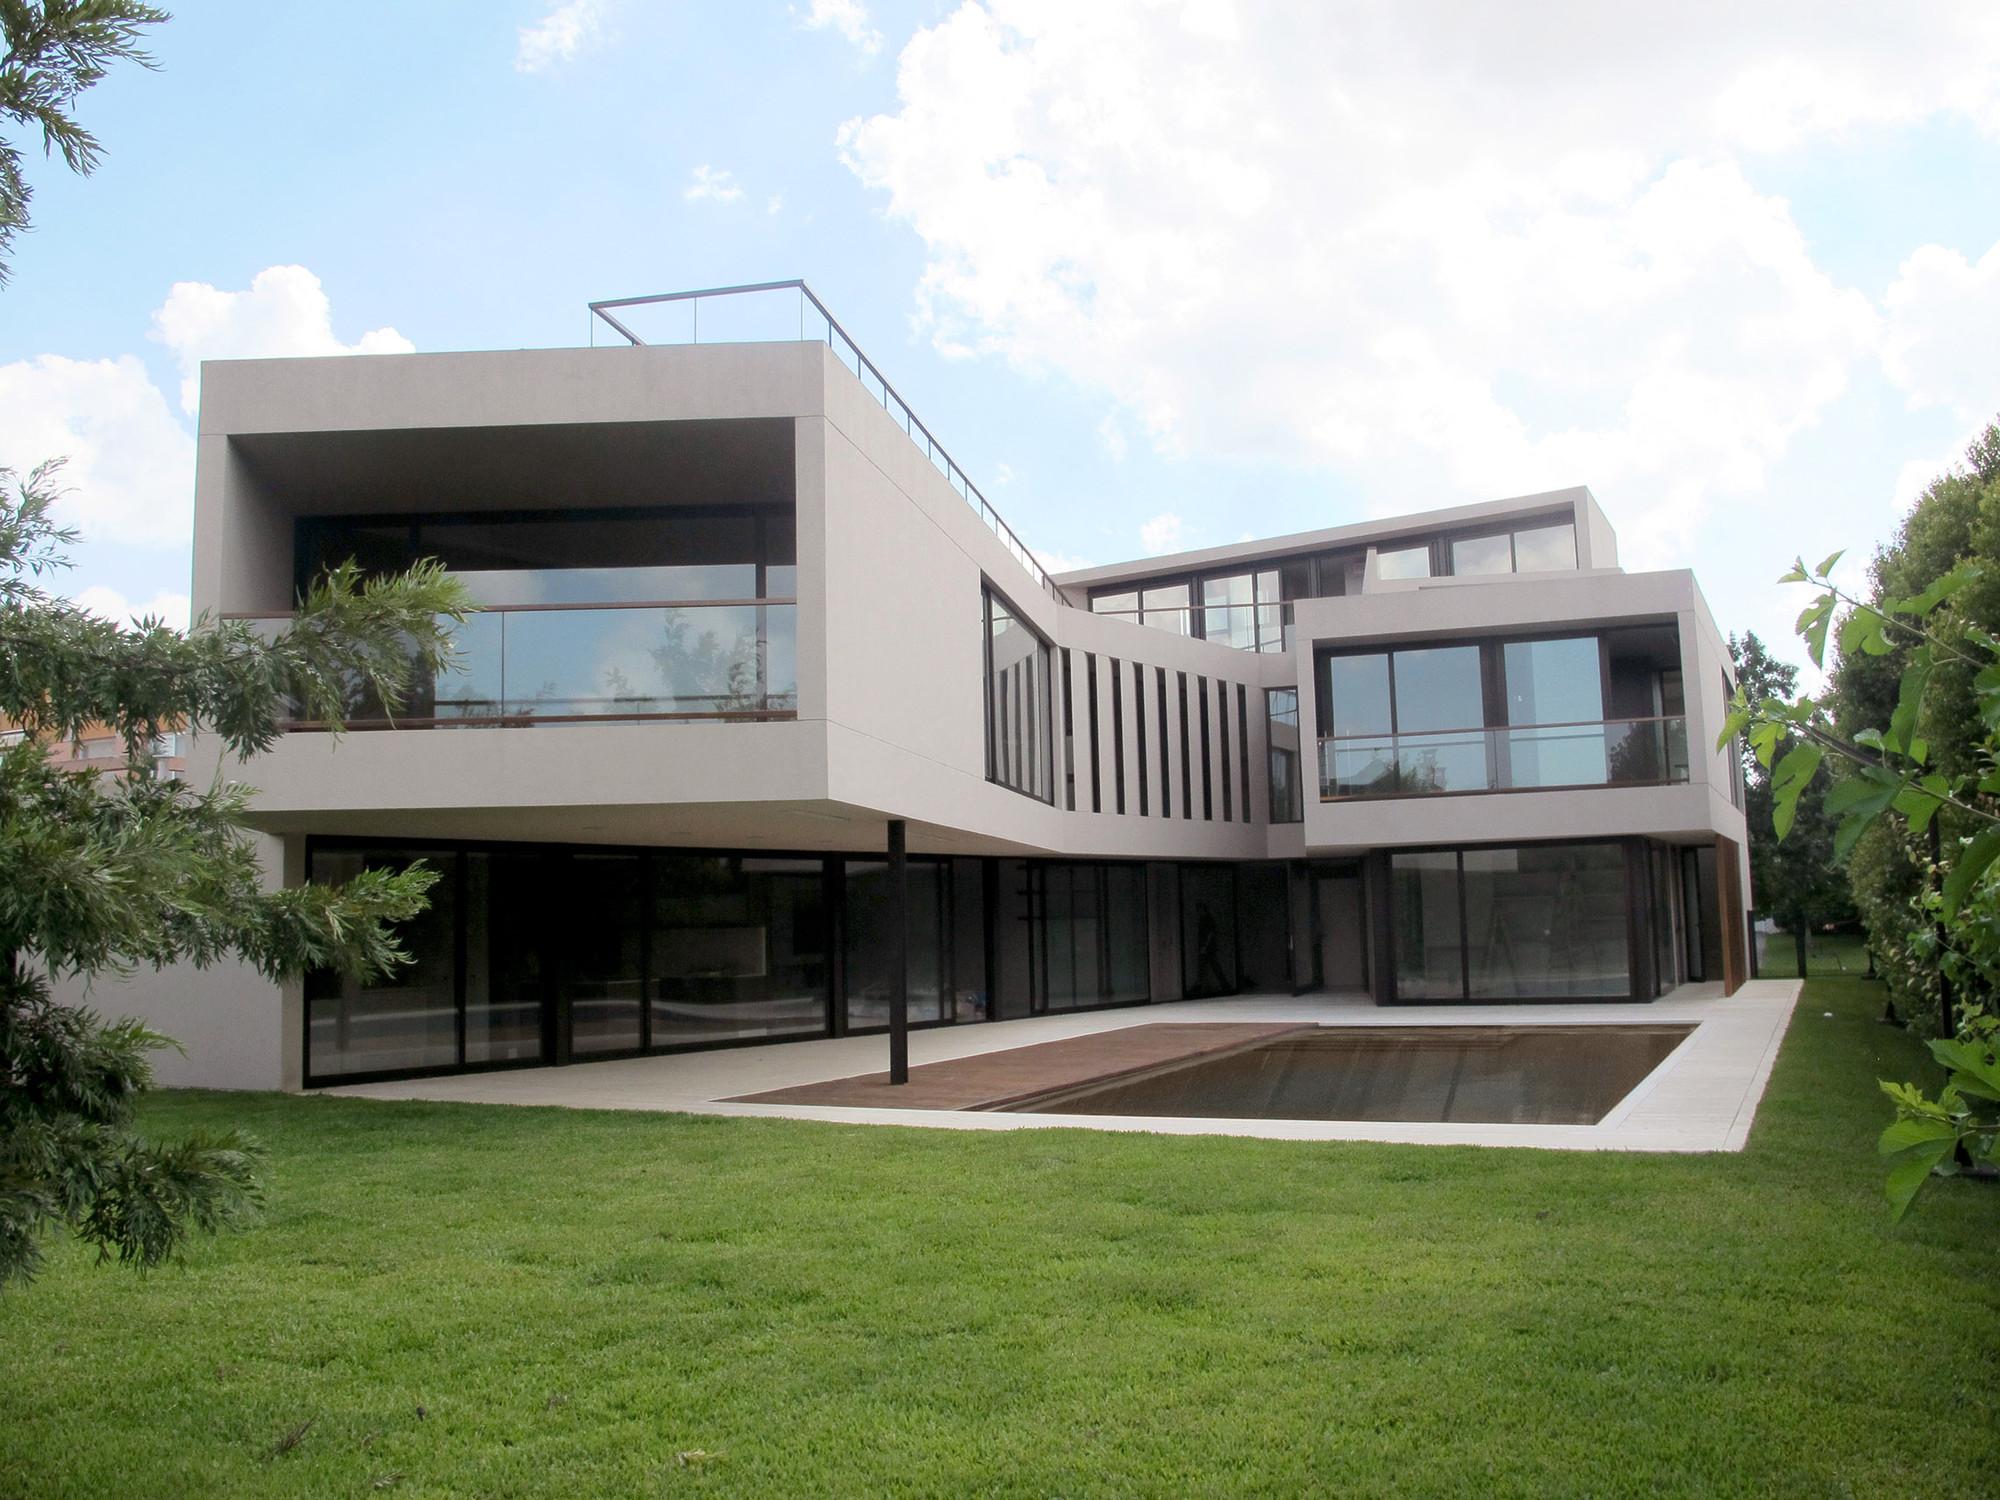 House in Tigre / FILM-Obras de Arquitectura, Courtesy of FILM-Obras de Arquitectura